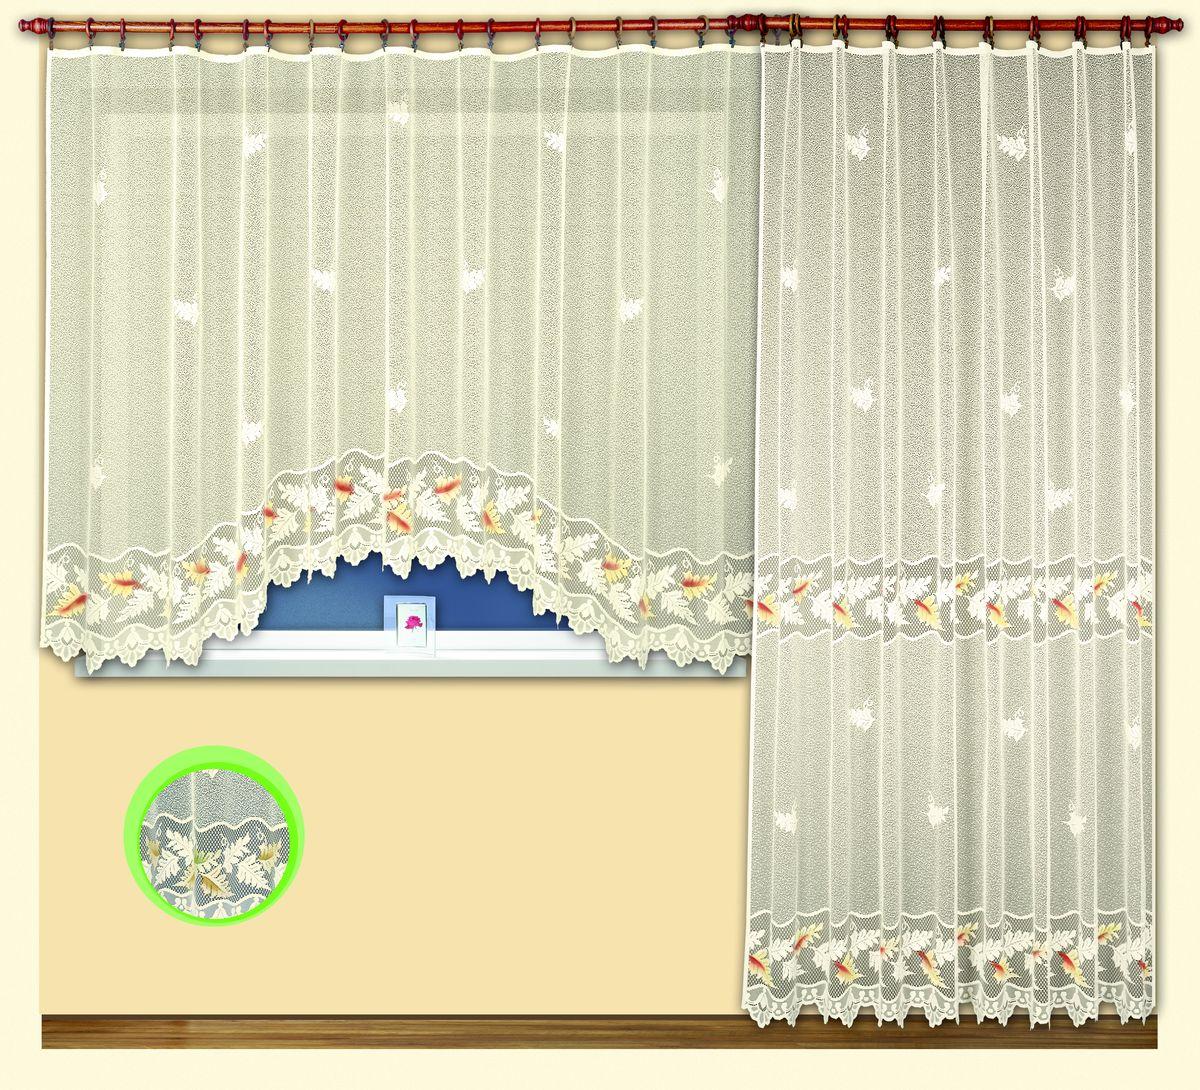 Комплект гардин для балконной двери Haft Magia Wzorow, на ленте, цвет: кремовый, высота 250 см. 38022с w1223 V79150Комплект гардин Haft Magia Wzorow изготовлен из полиэстера кремового цвета. В комплект входит короткая гардина для окна и длинная гардина для балконной двери. Тонкое плетение, оригинальный дизайн привлекут к себе внимание и органично впишутся в интерьер. Все элементы комплекта на шторной ленте для собирания в сборки. Комплект гардин Haft Magia Wzorow станет великолепным украшением балконного окна.К комплекту прилагается небольшая ажурная скатерть для журнального столика, выполненная из полиэстера кремового цвета в единой стилистике с гардинами.В комплект входит: Гардина для окна: 1 шт. Размер (Ш х В): 300 см х 160 см. Гардина для балконной двери: 1 шт. Размер (Ш х В): 200 см х 250 см. Скатерть: 1 шт. Размер: 99 см х109 см.Главный ассортимент компании Haft - это тюль и занавески. Haft предлагает готовые решения для ваших окон, выпуская готовые наборы штор, которые остается только распаковать и повесить. Модельный ряд отличает оригинальный дизайн, высокое качество. Занавески, шторы, гардины Haft долговечны, прочны, практически не сминаемы, они не притягивают пыль и за ними легко ухаживать. Вся продукция бренда Haft выполнена на современном оборудовании из лучших материалов.